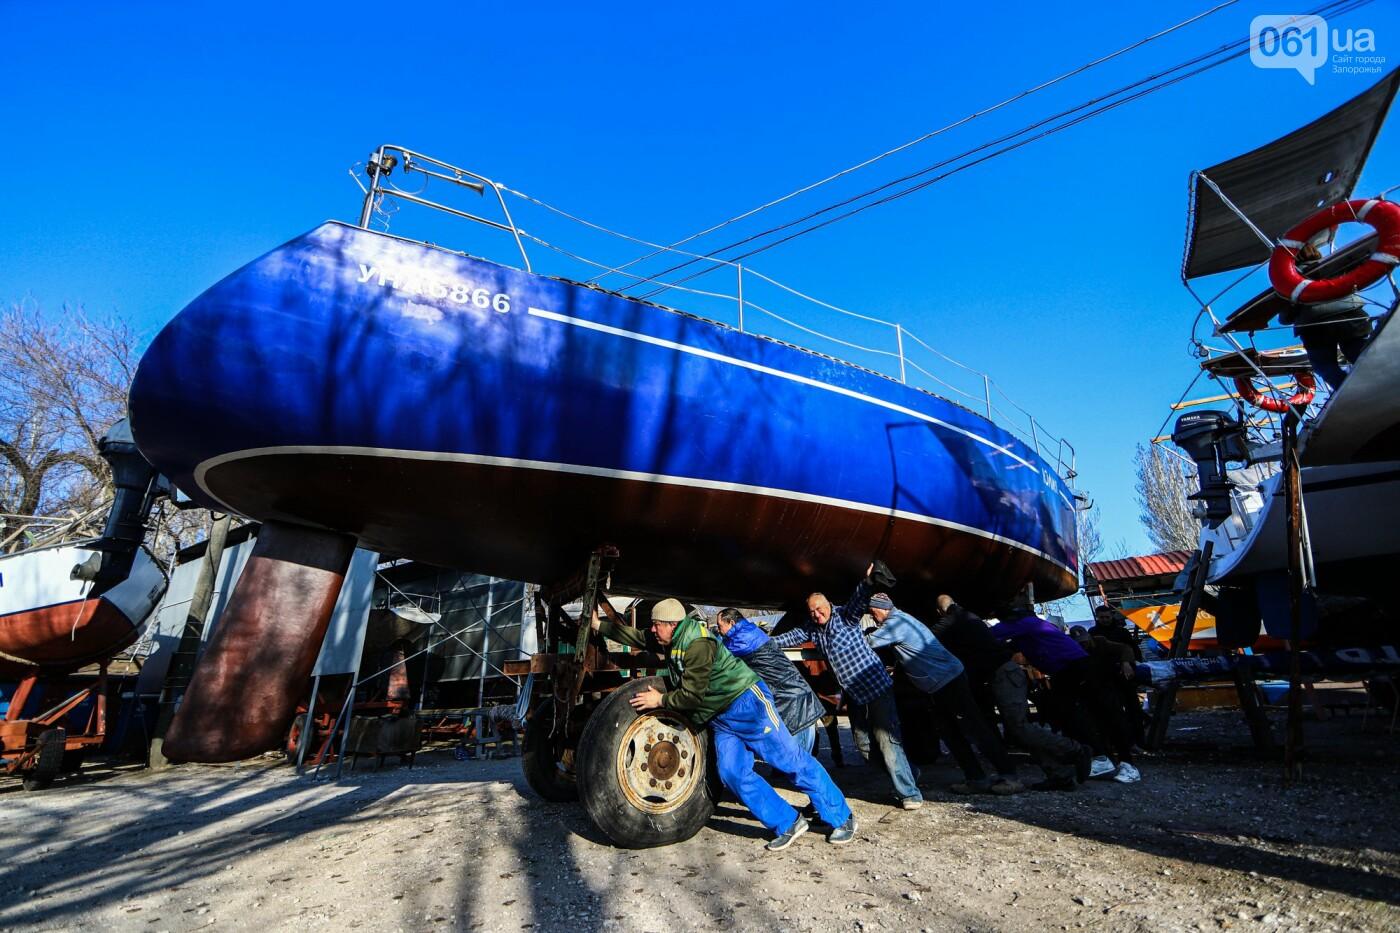 «Семь футов под килем!»: как в запорожском яхт-клубе спускали судна на воду, - ФОТОРЕПОРТАЖ , фото-6